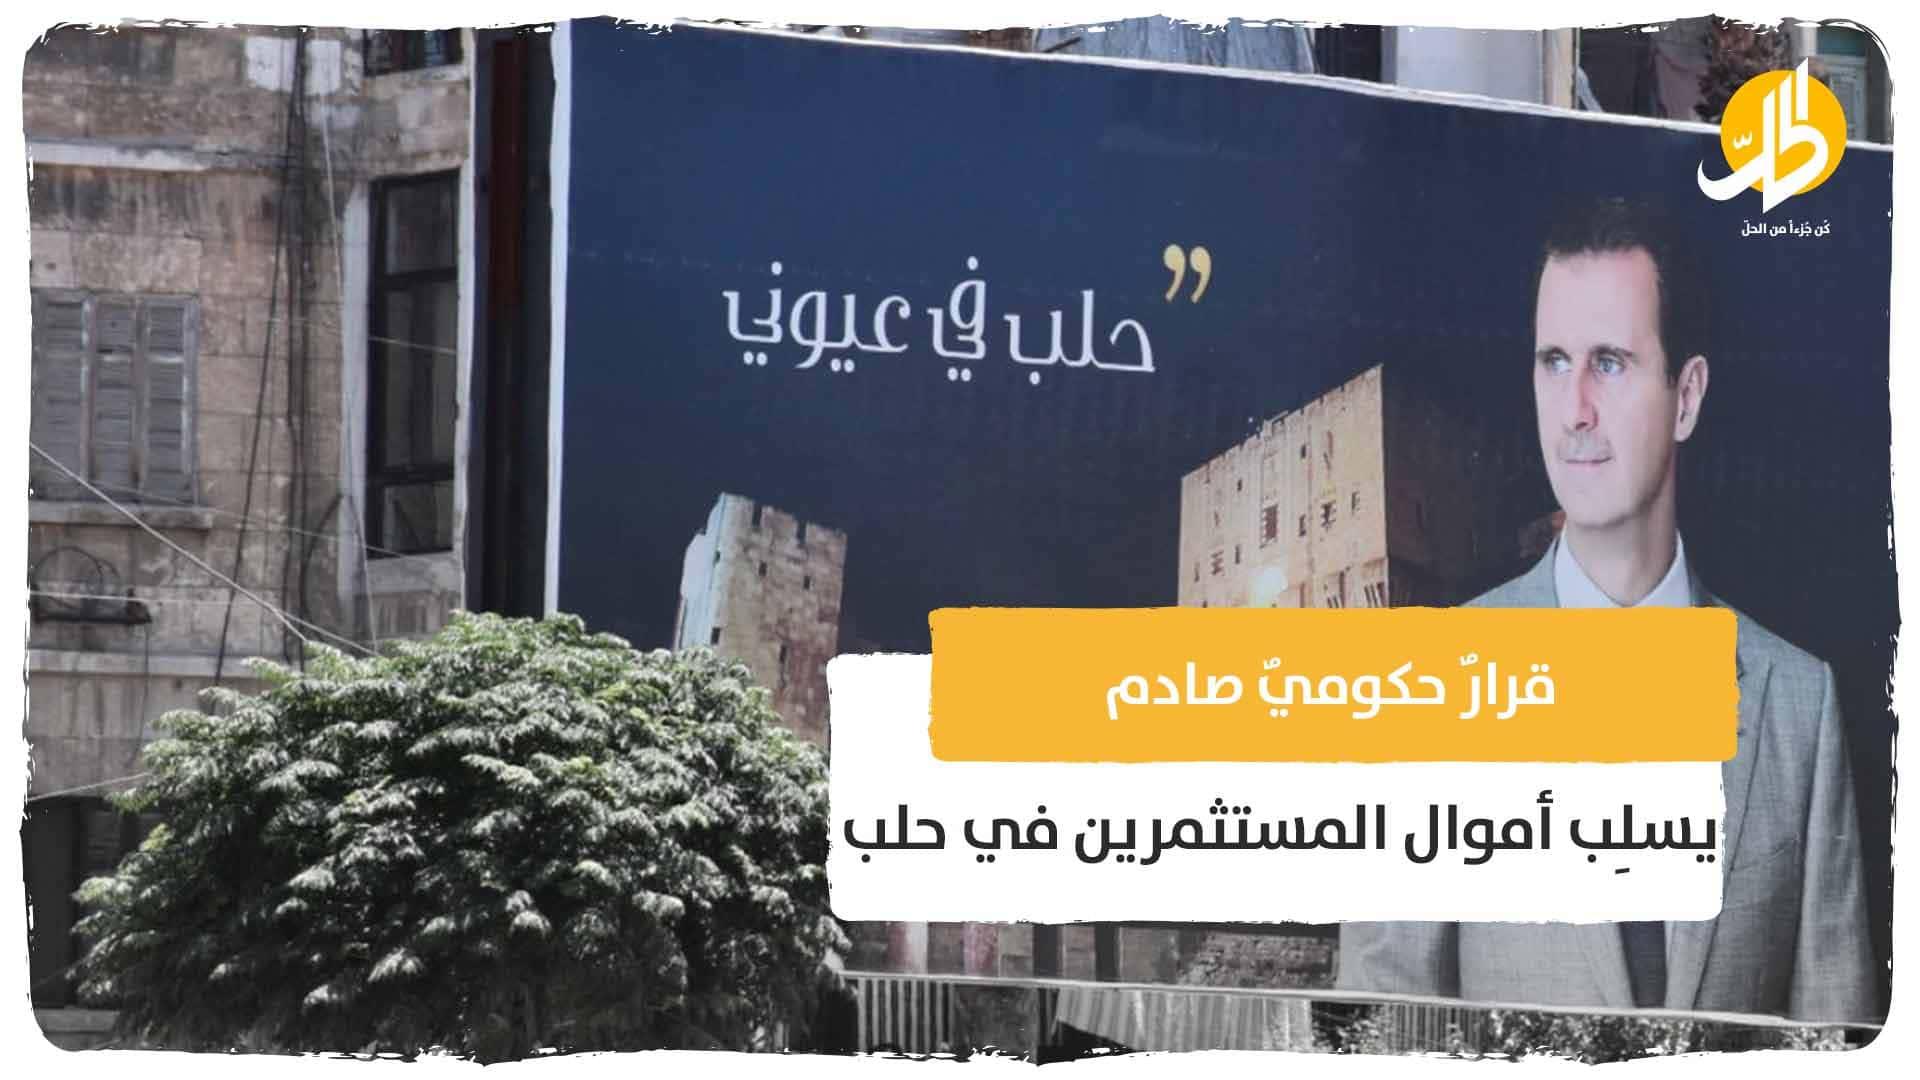 قرارٌ حكوميٌ صادم يسلِب أموال المستثمرين في حلب